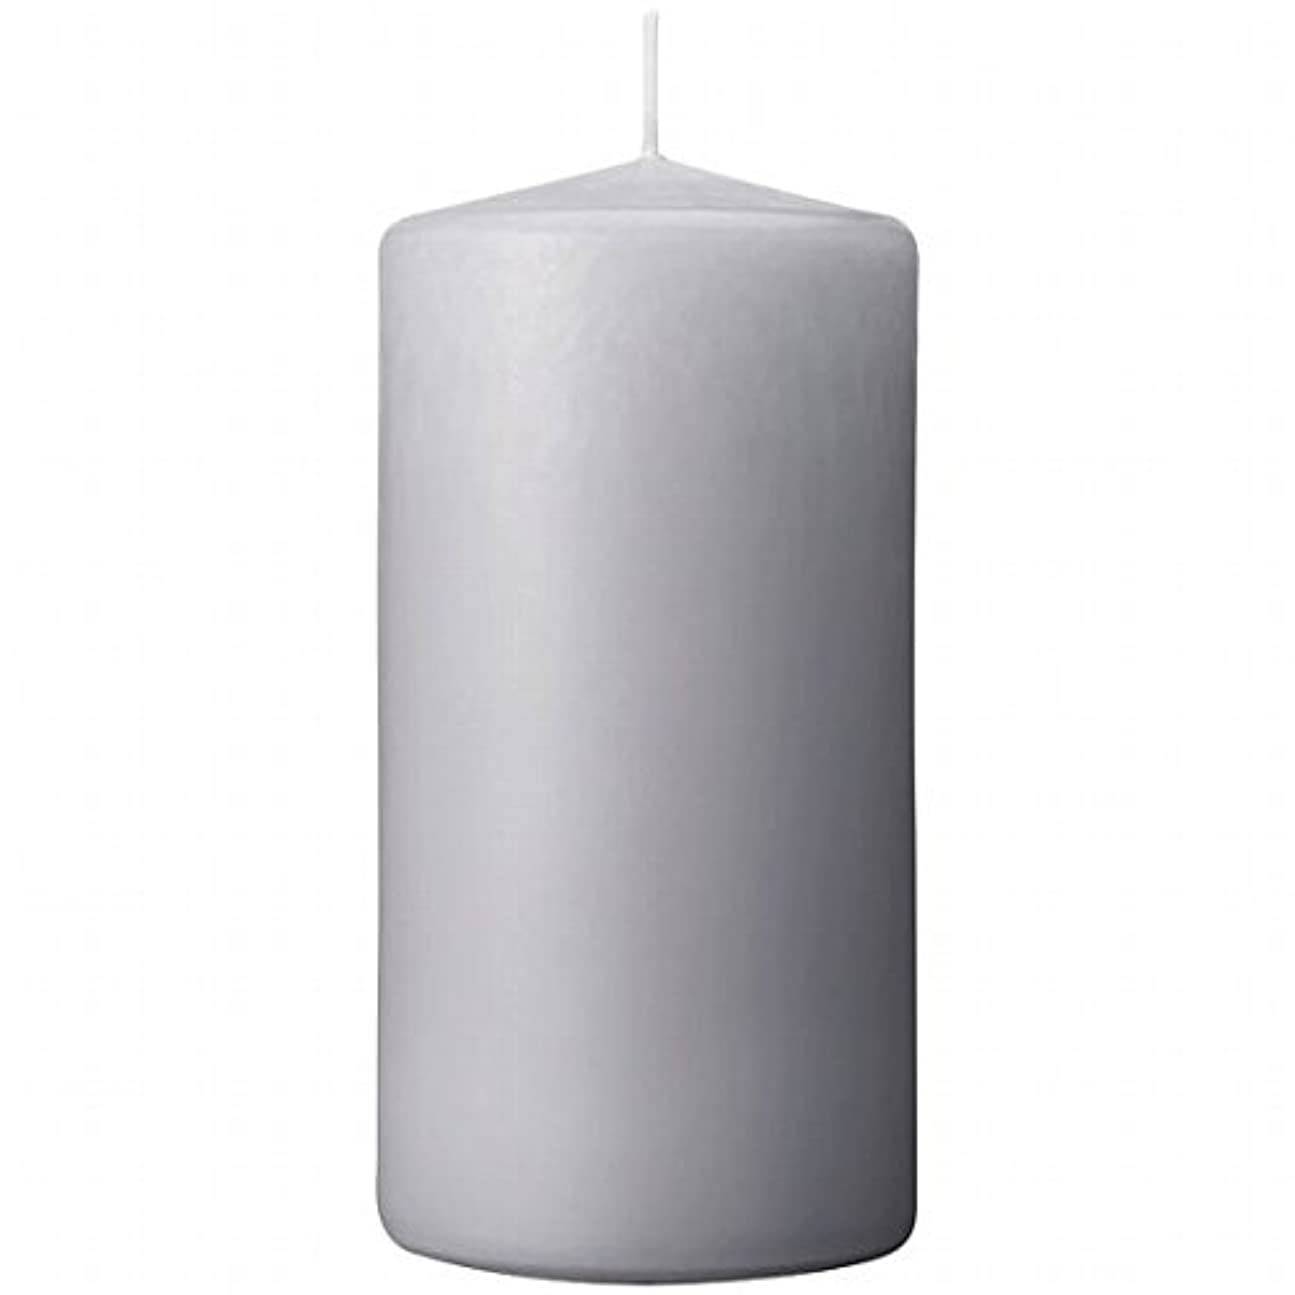 拾うレシピ厳しいカメヤマキャンドル(kameyama candle) 3×6ベルトップピラーキャンドル 「 ライトグレー 」